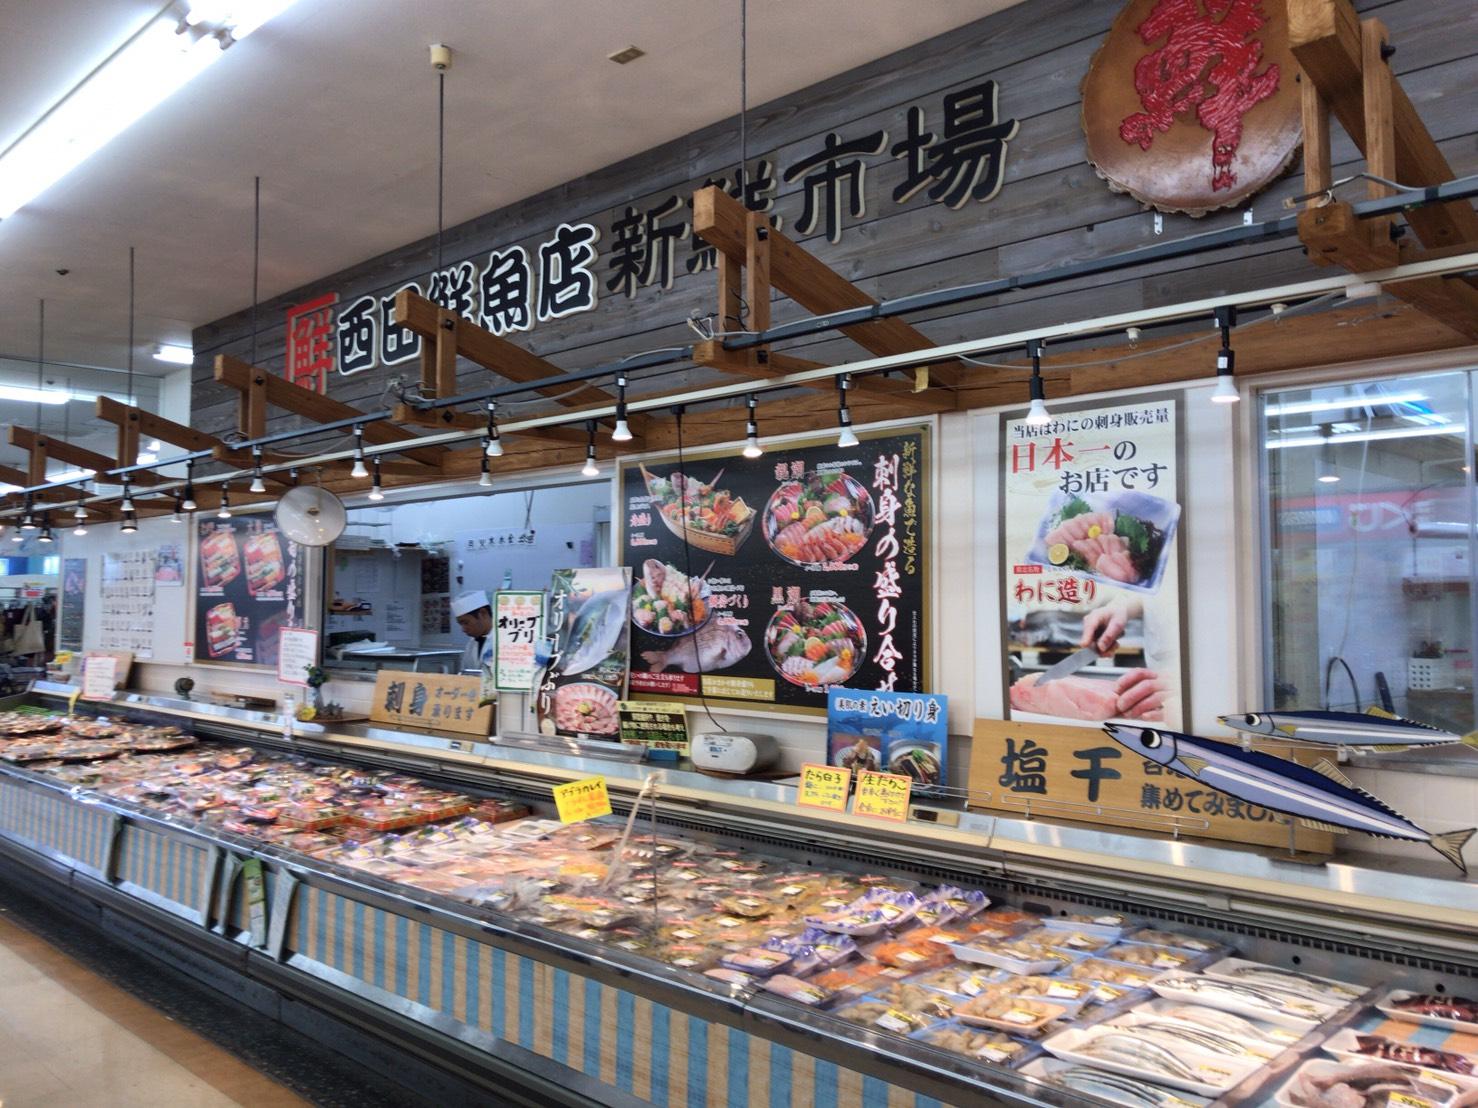 西田鮮魚店さん